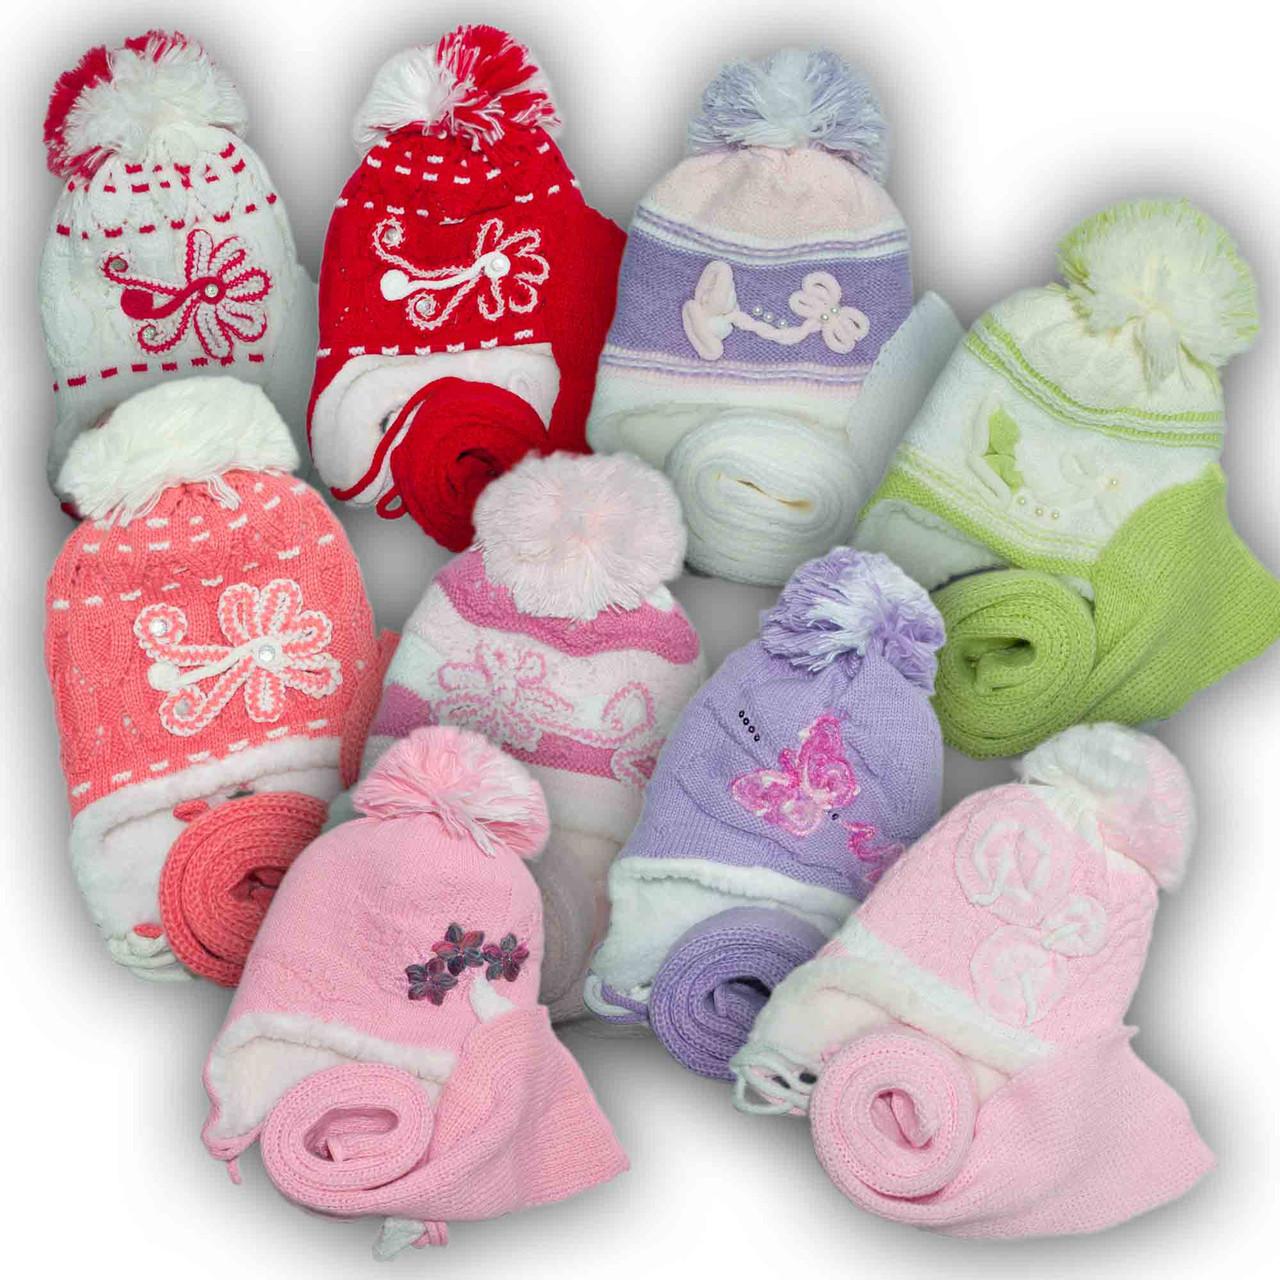 Комплект (шапка + шарф) для девочек, Польского производителя Toms, модель TS MIX